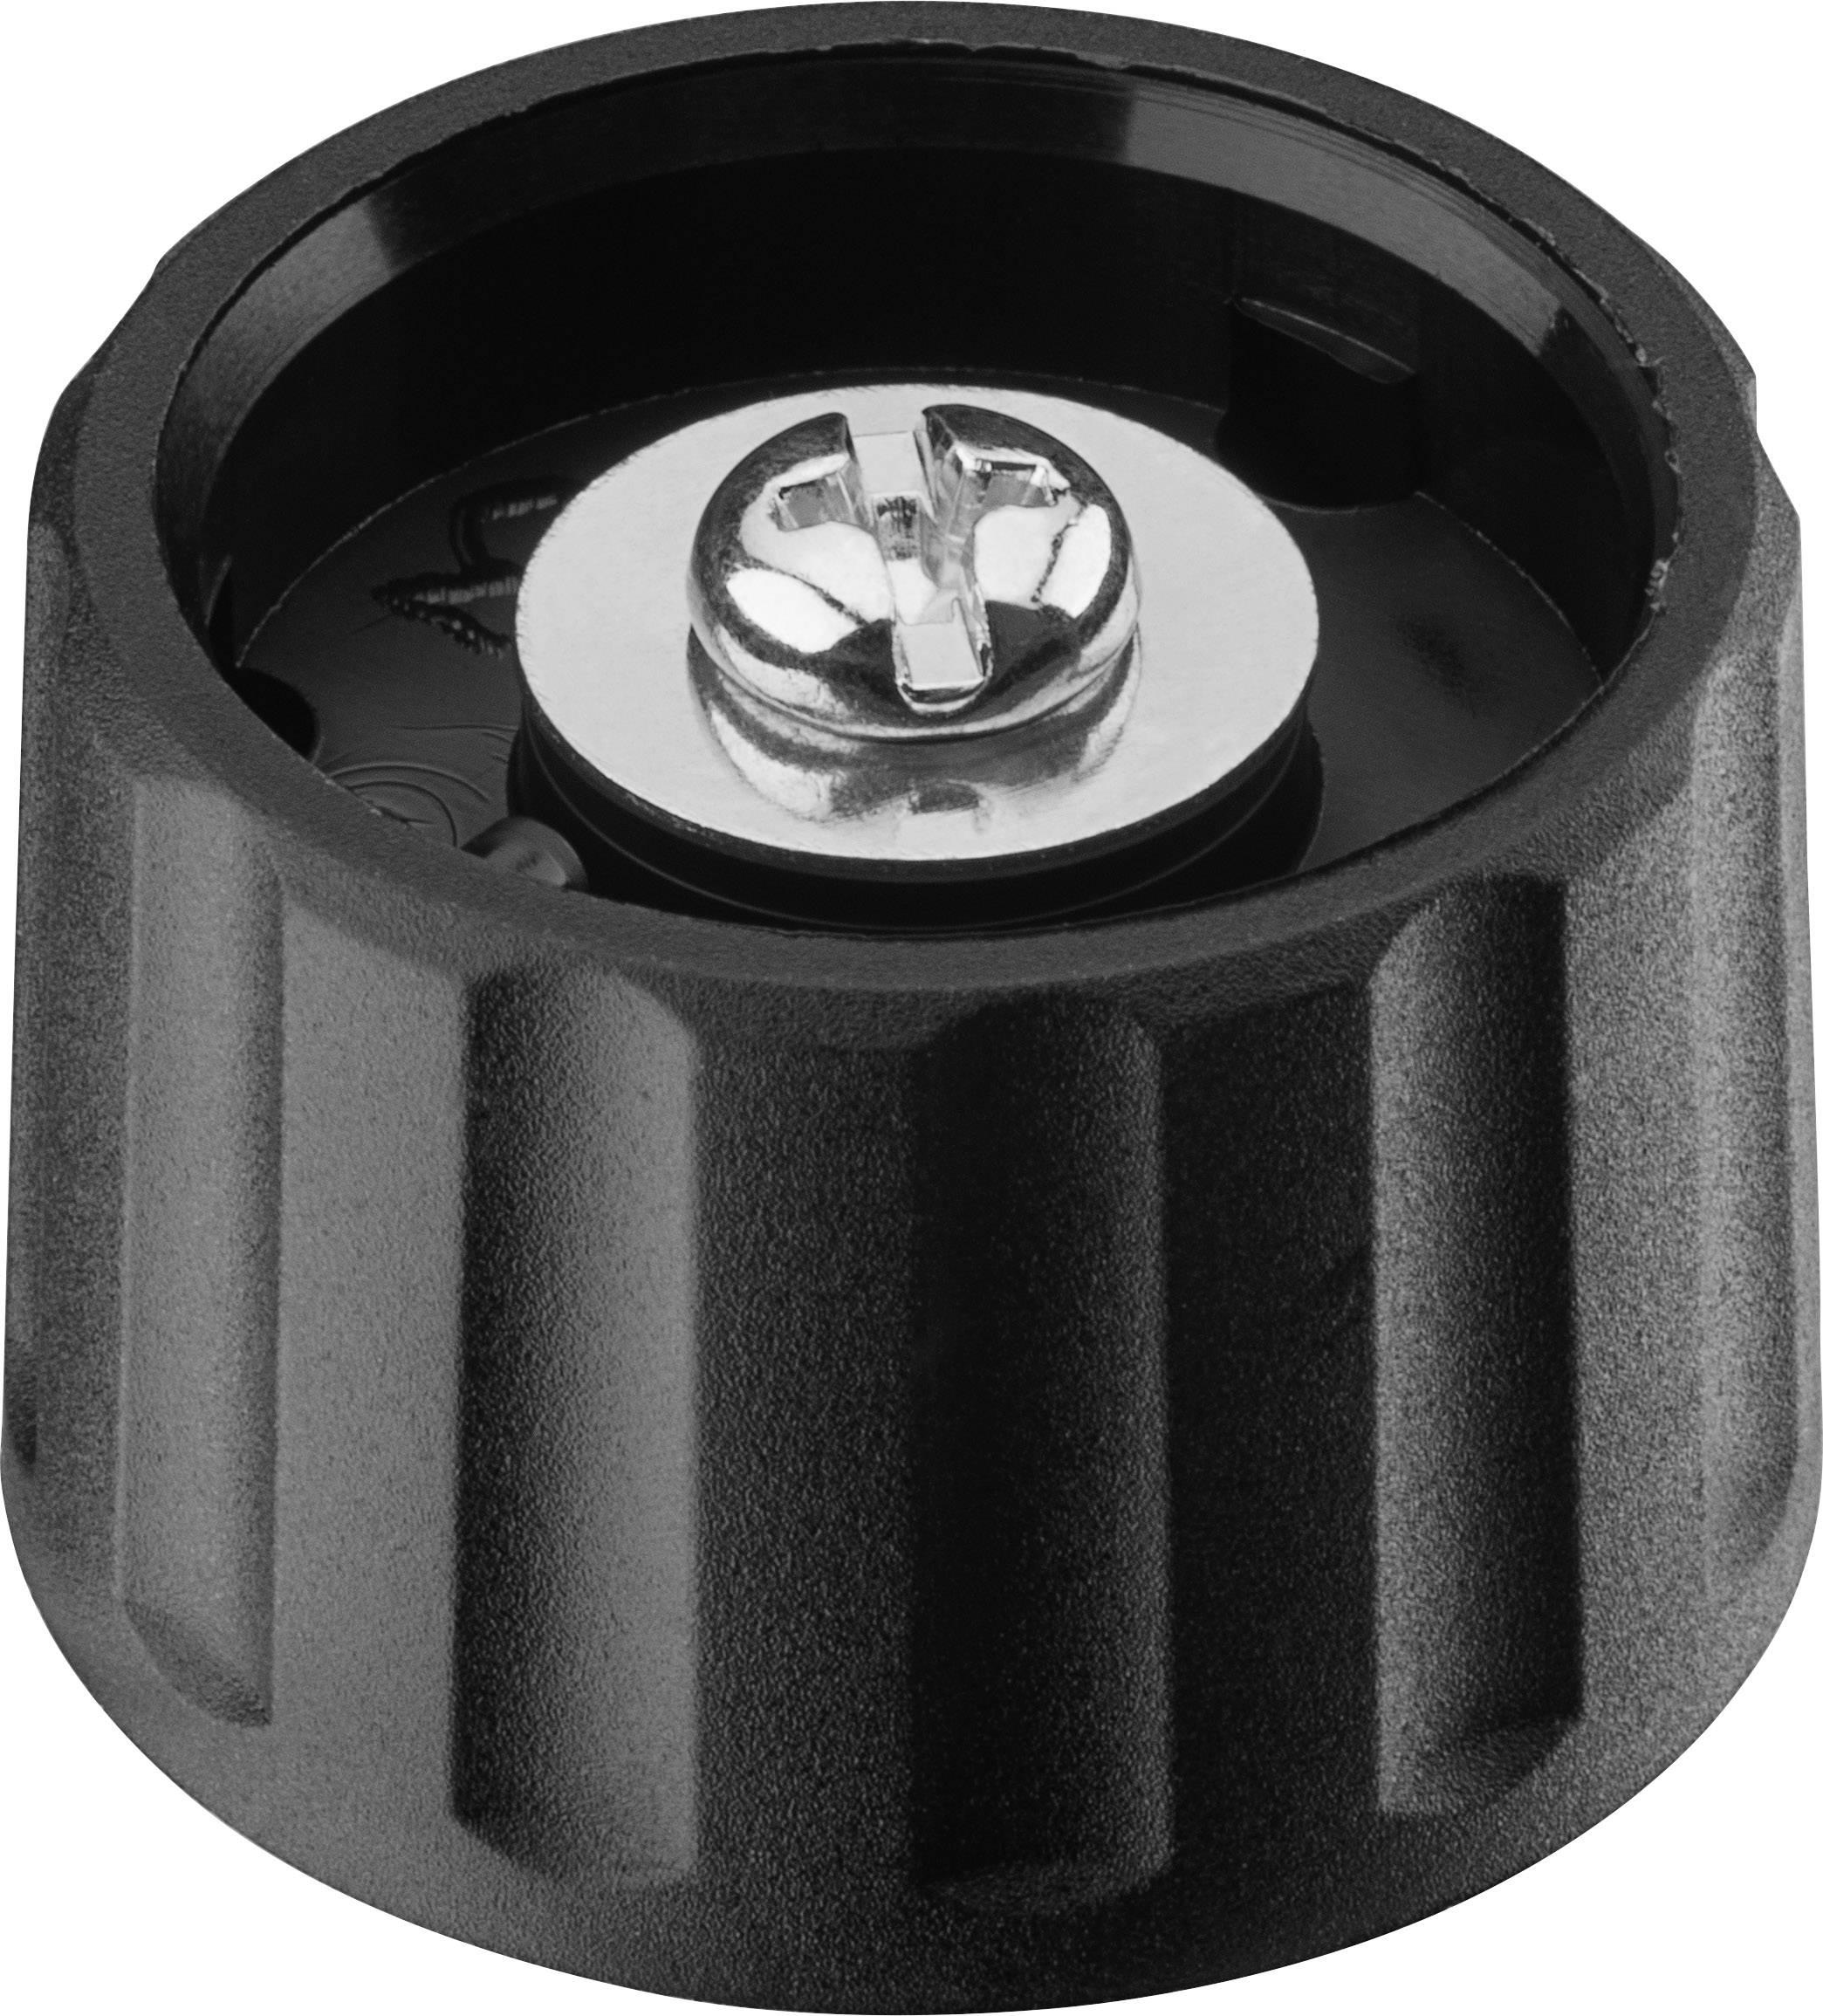 Otočný knoflík Ritel 26 28 60 3, (Ø x v) 28 mm x 18.2 mm, černá, 1 ks